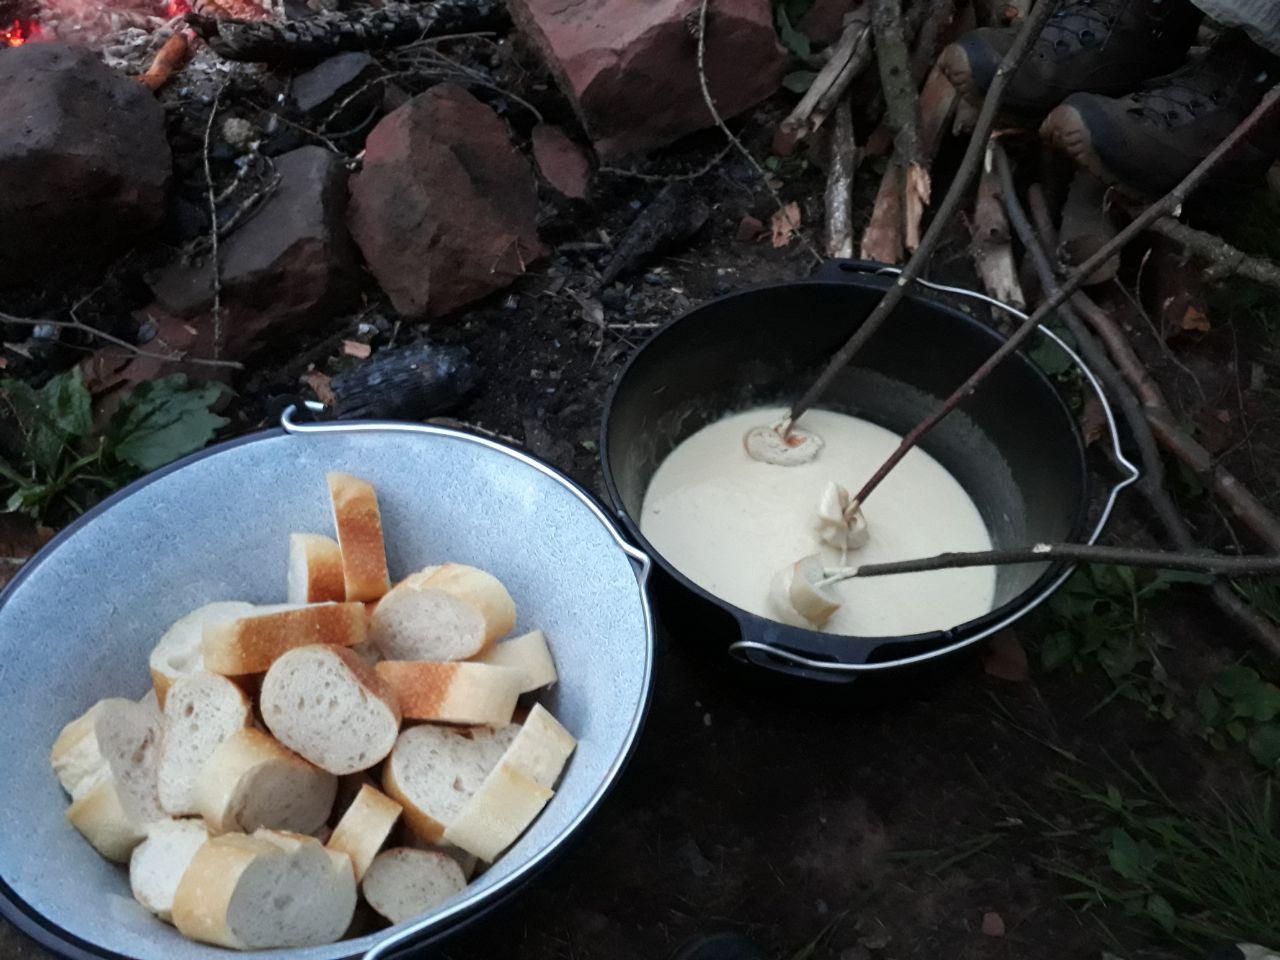 Käse schließt den Magen - nicht ganz Survival, aber einfach geil!